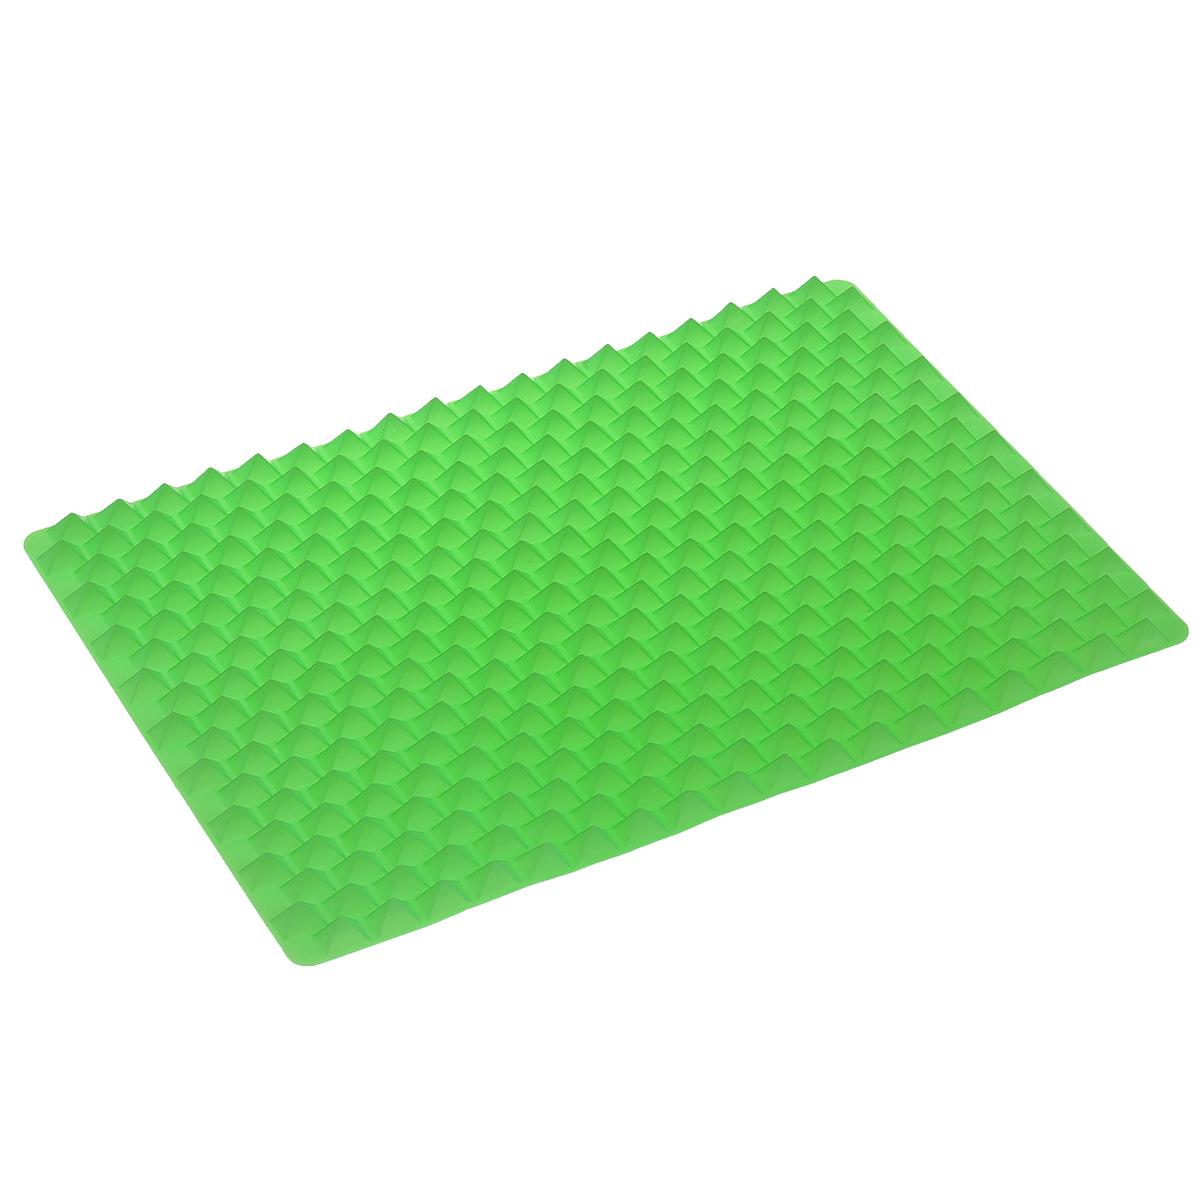 Силиконовый коврик для приготовления пищи Bradex, цвет: зеленый, 40 см х 27 см115610Силиконовый коврик для приготовления пищи Bradex - это новейшая разработка в области кулинарии, которая значительно облегчает ежедневный процесс приготовления пищи, одновременно делая еду более здоровой. Коврик изготовлен из качественного 100% пищевого силикона, который не допускает пригорание пищи и легко моется; выдерживает температуру до +220°С. Уникальная конструкция силиконового коврика позволяет воздуху циркулировать под и вокруг пищи; продукты не входят в контакт с основание коврика, из них выходит избыточный жир, а блюдо приобретает хрустящую корочку и получается необычайно вкусным даже без жарки. Более того, использование силиконового коврика избавляет вас от необходимости постоянно переворачивать приготавливаемую пищу. Наслаждайтесь равномерно приготовленными продуктами с хрустящей корочкой, вне зависимости от того в панировке они или без нее, абсолютно без добавления масла и жира. Коврик идеально подходит для приготовления куриных грудок, рыбных палочек, свиных отбивных, разнообразных овощей, куриных крылышек, картофельных чипсов, картофеля фри, картофеля по-деревенски, телячьих котлет, рыбного филе, луковых колец, крабовых пирогов, фаршированных грибов, овощей, моллюсков и многого другого. Способ применения: поместите силиконовый коврик в форму для выпечки, положите сверху продукты и запекайте согласно рецепту. Можно мыть в посудомоечной машине.